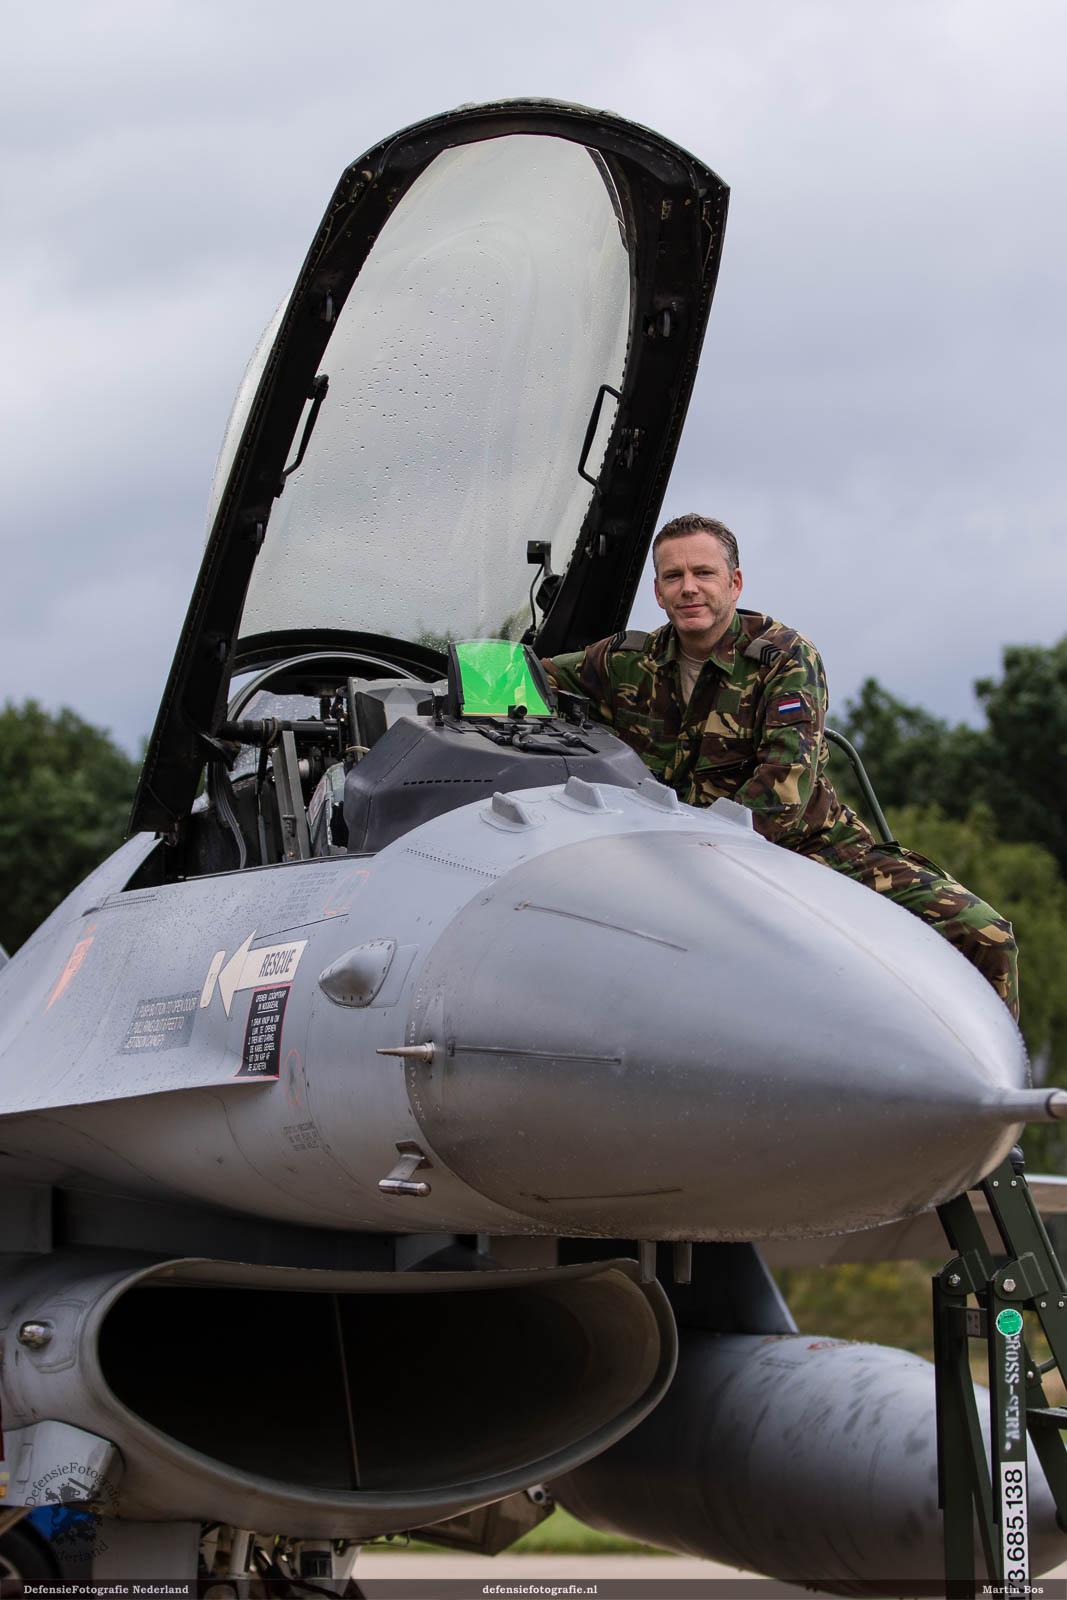 Crew chief bij zijn F-16